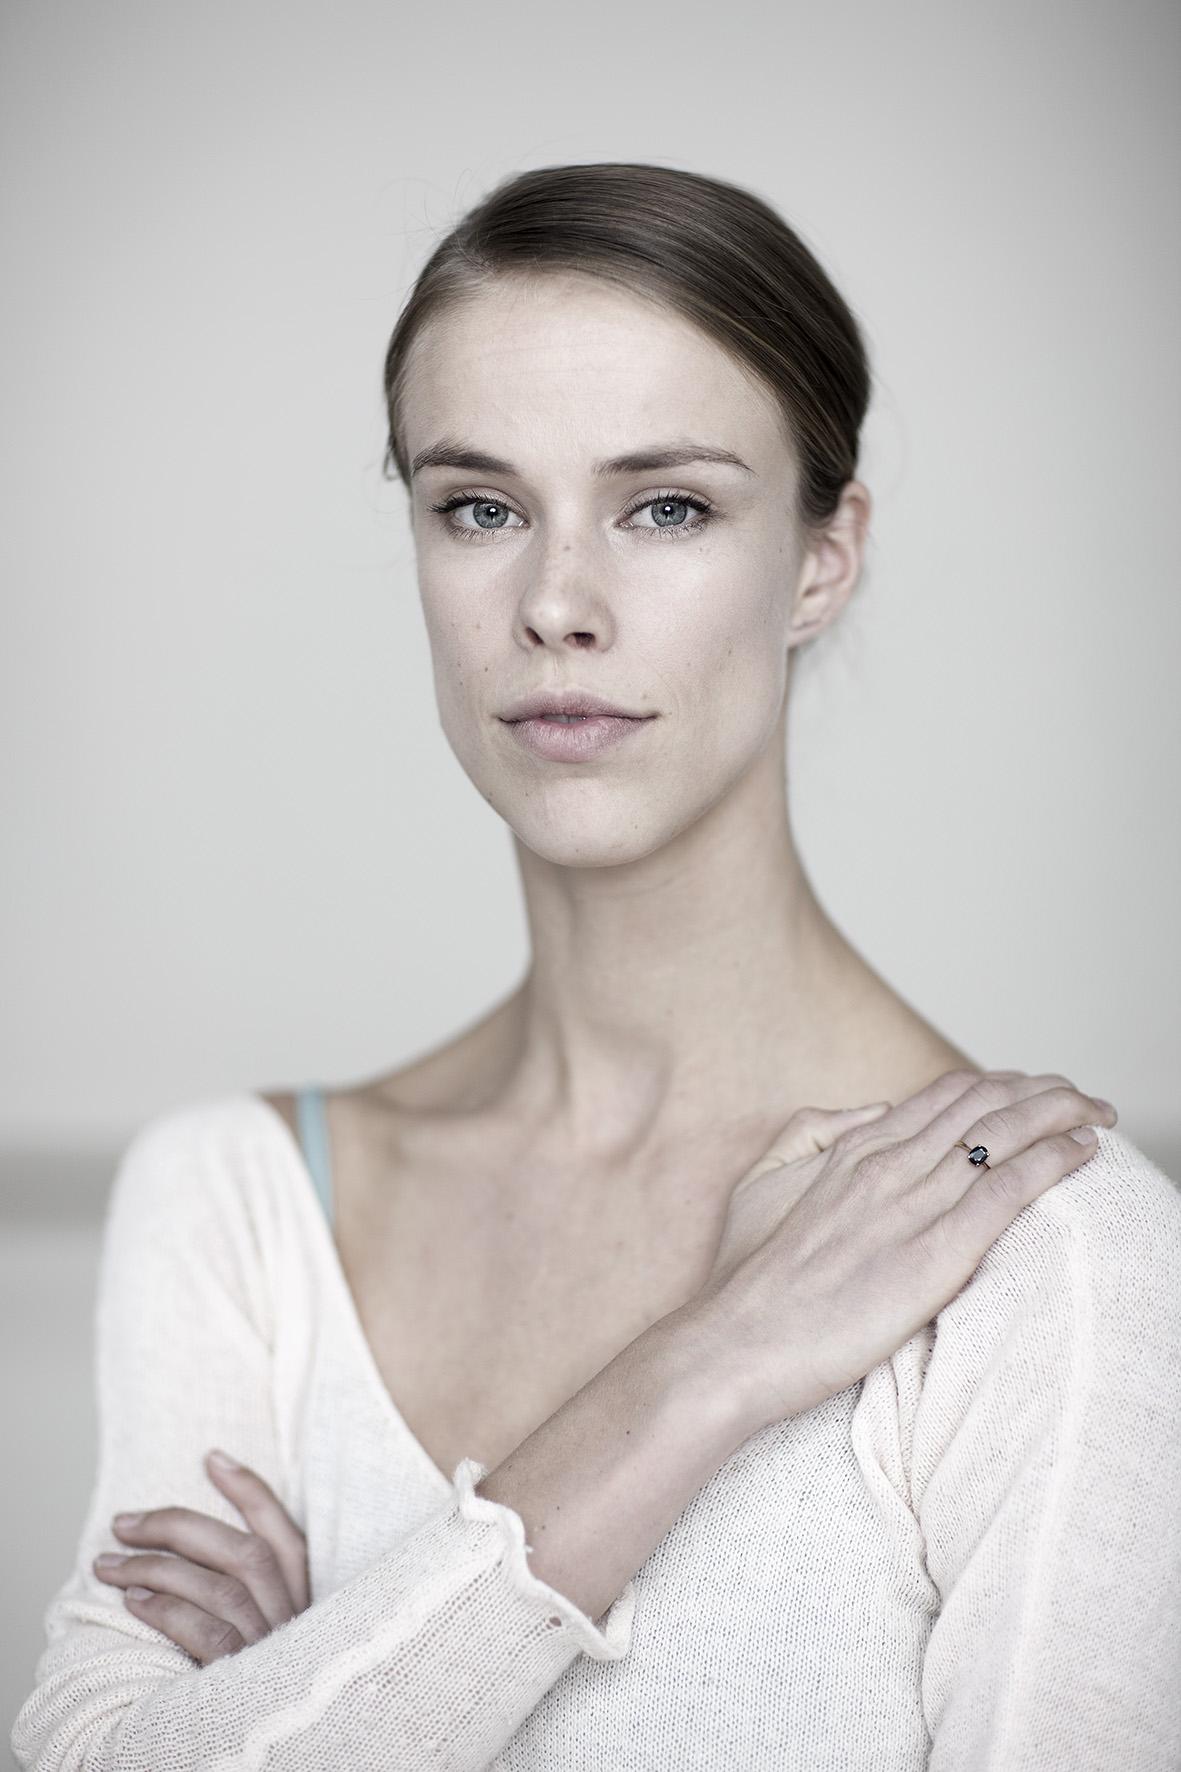 Tess Sturmann